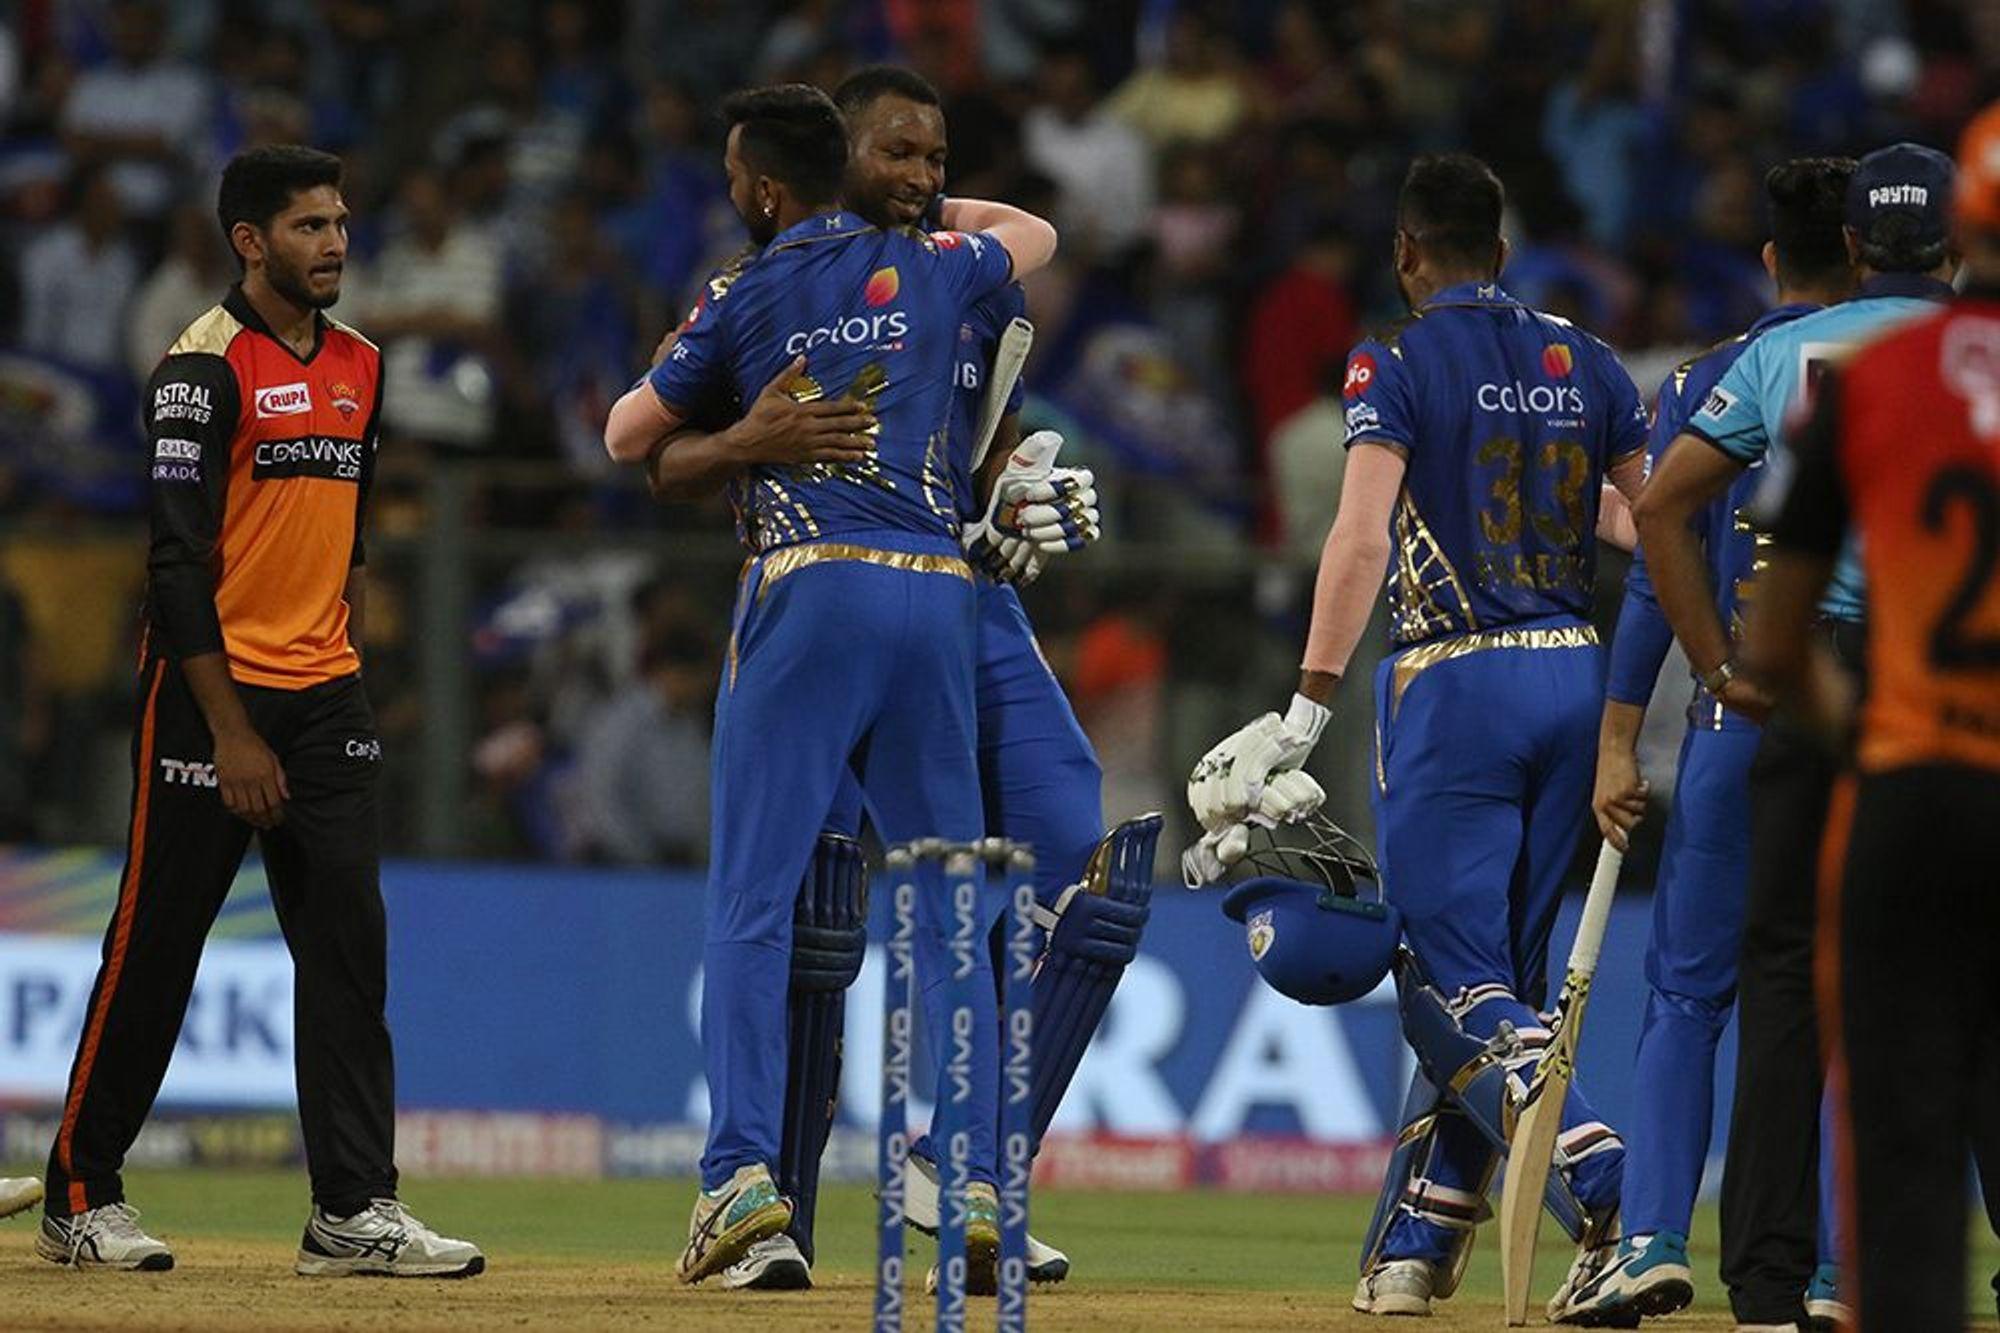 Mumbai Indians, Sunrisers Hyderabad, MI, SRH, Rohit Sharma, NewsMobile, Sports, Cricket, IPL, 2019, Mobile, News, India